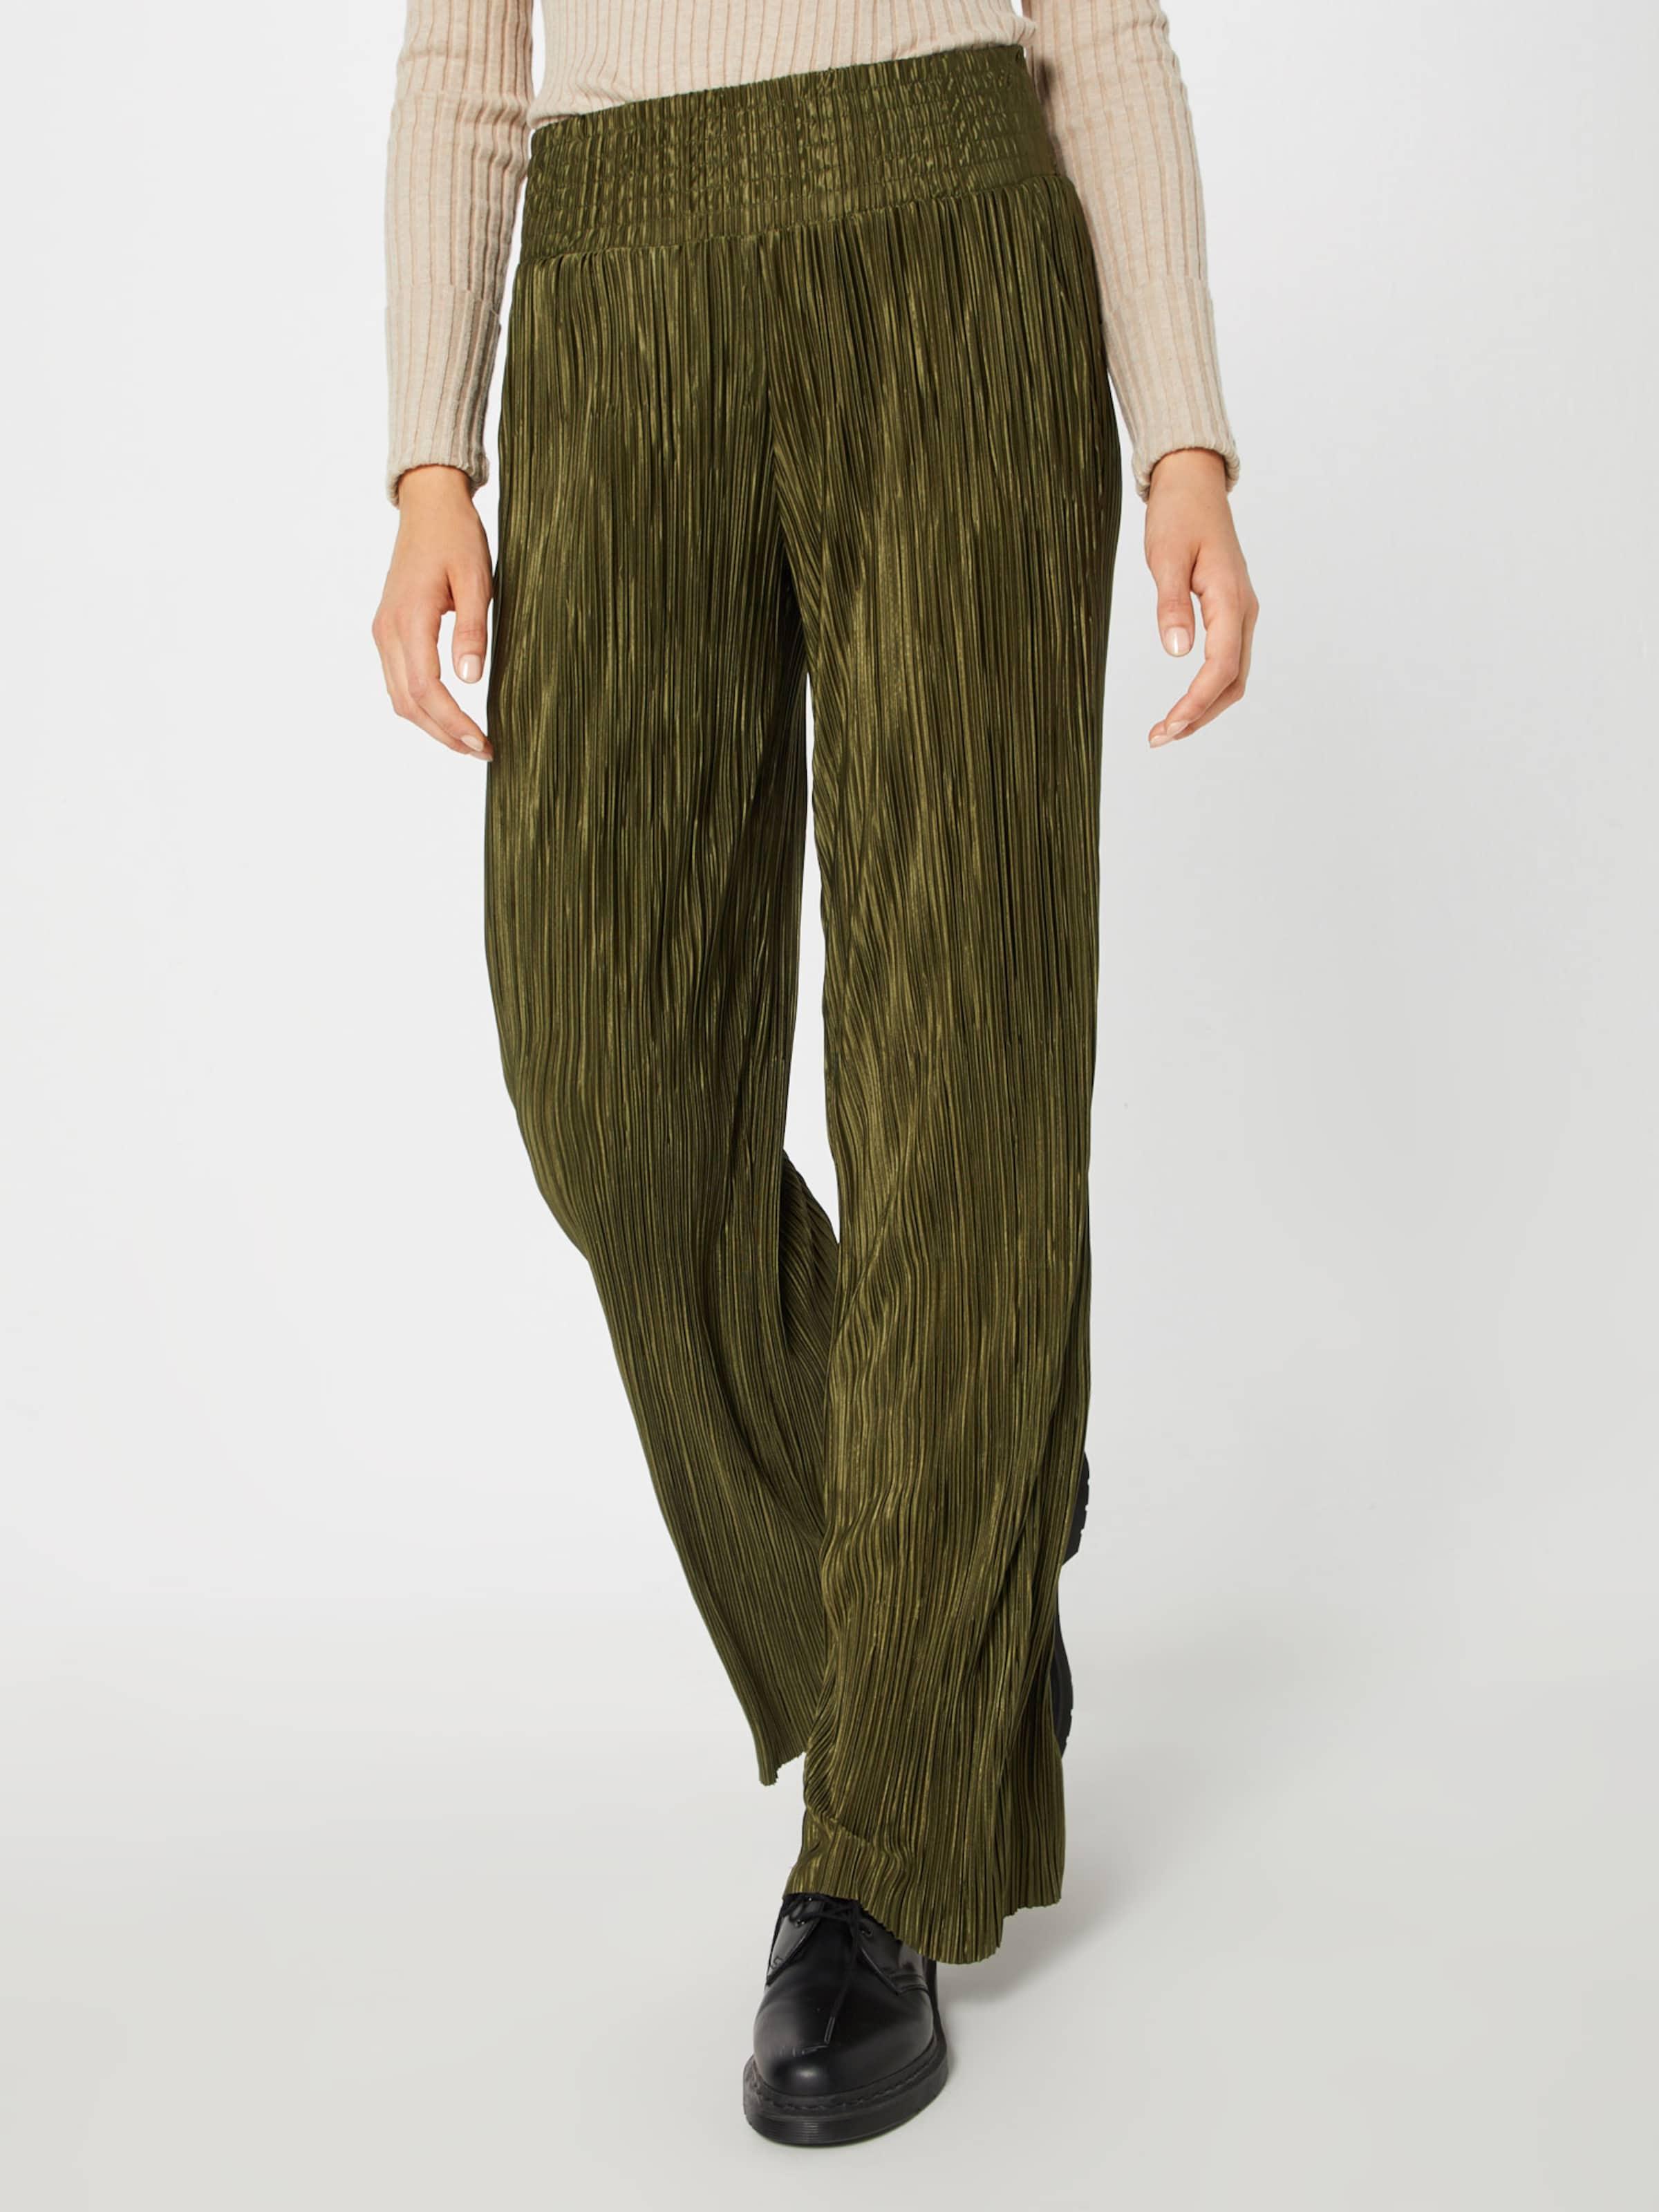 'dunham' Label Another Pantalon En Vert USqzMVpG